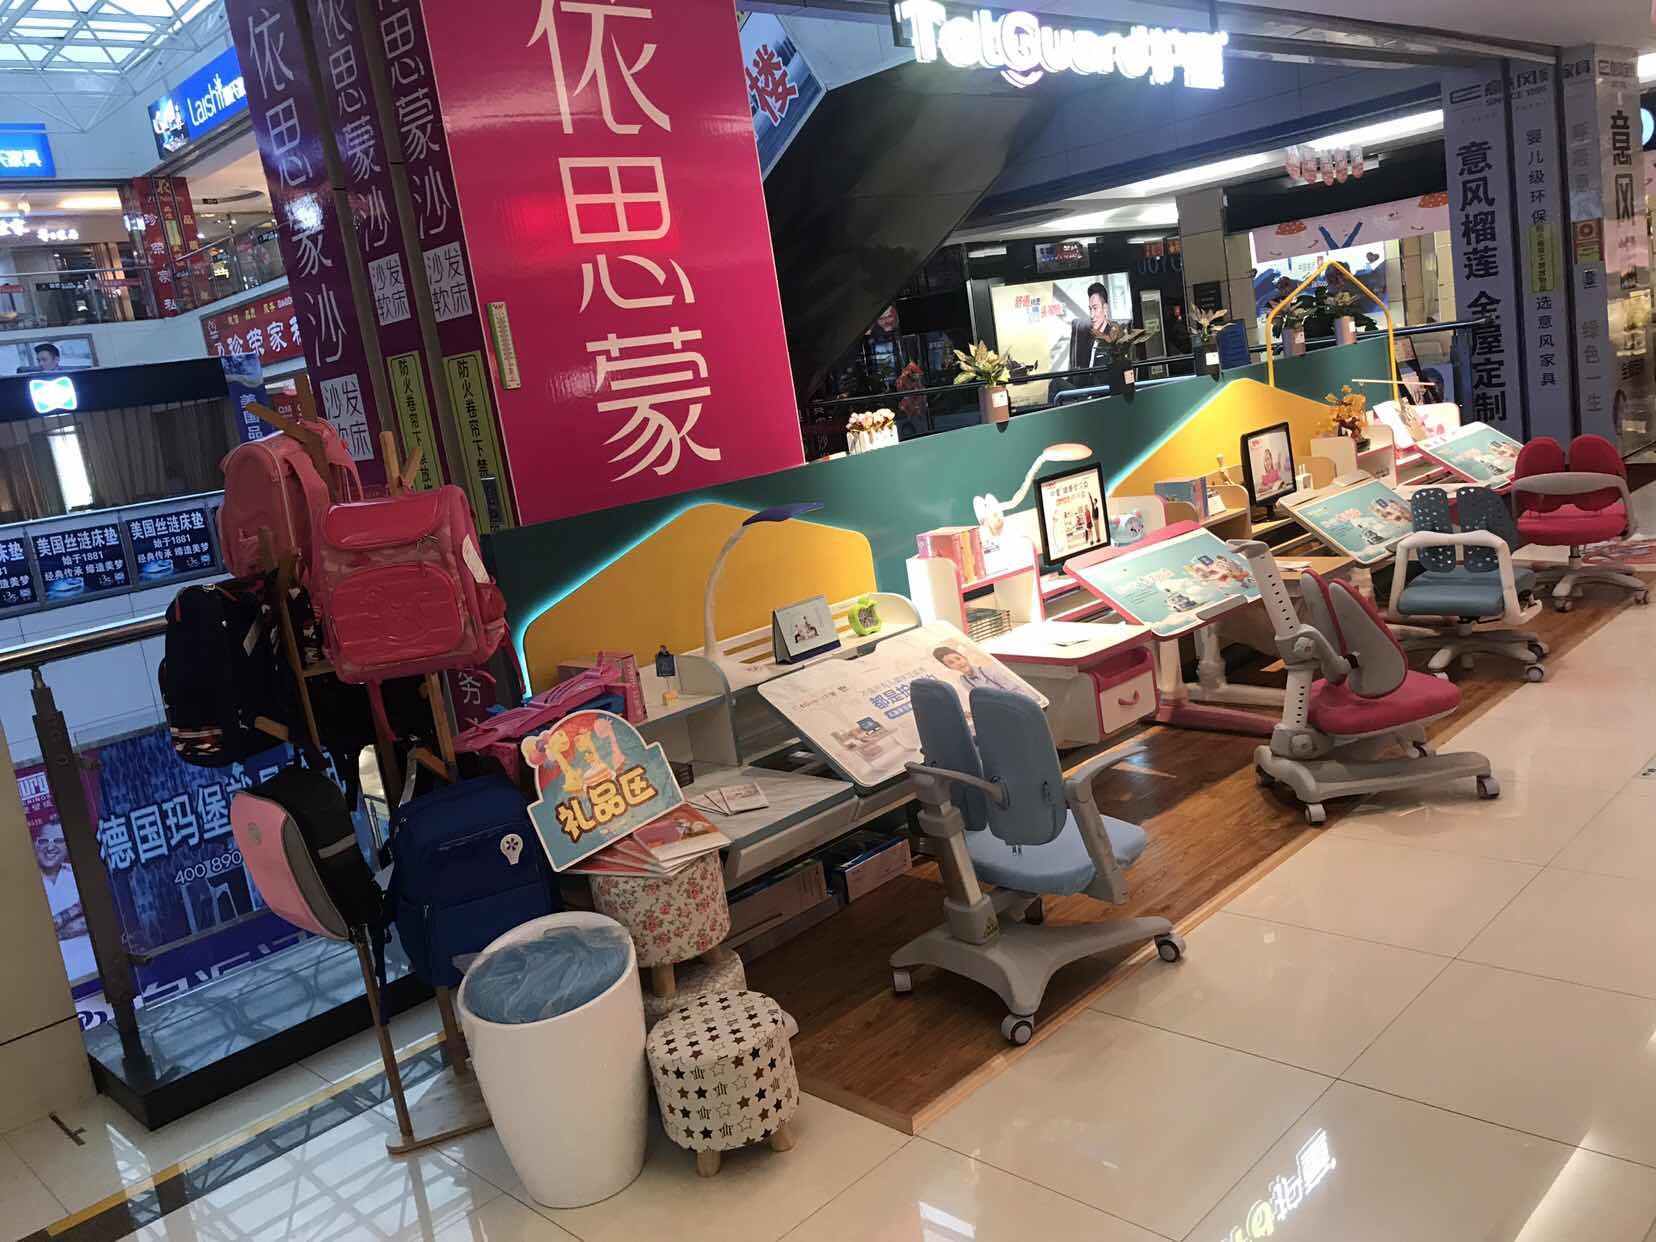 热烈祝贺护童第1571家滨州月星家居护童专柜盛大开业!